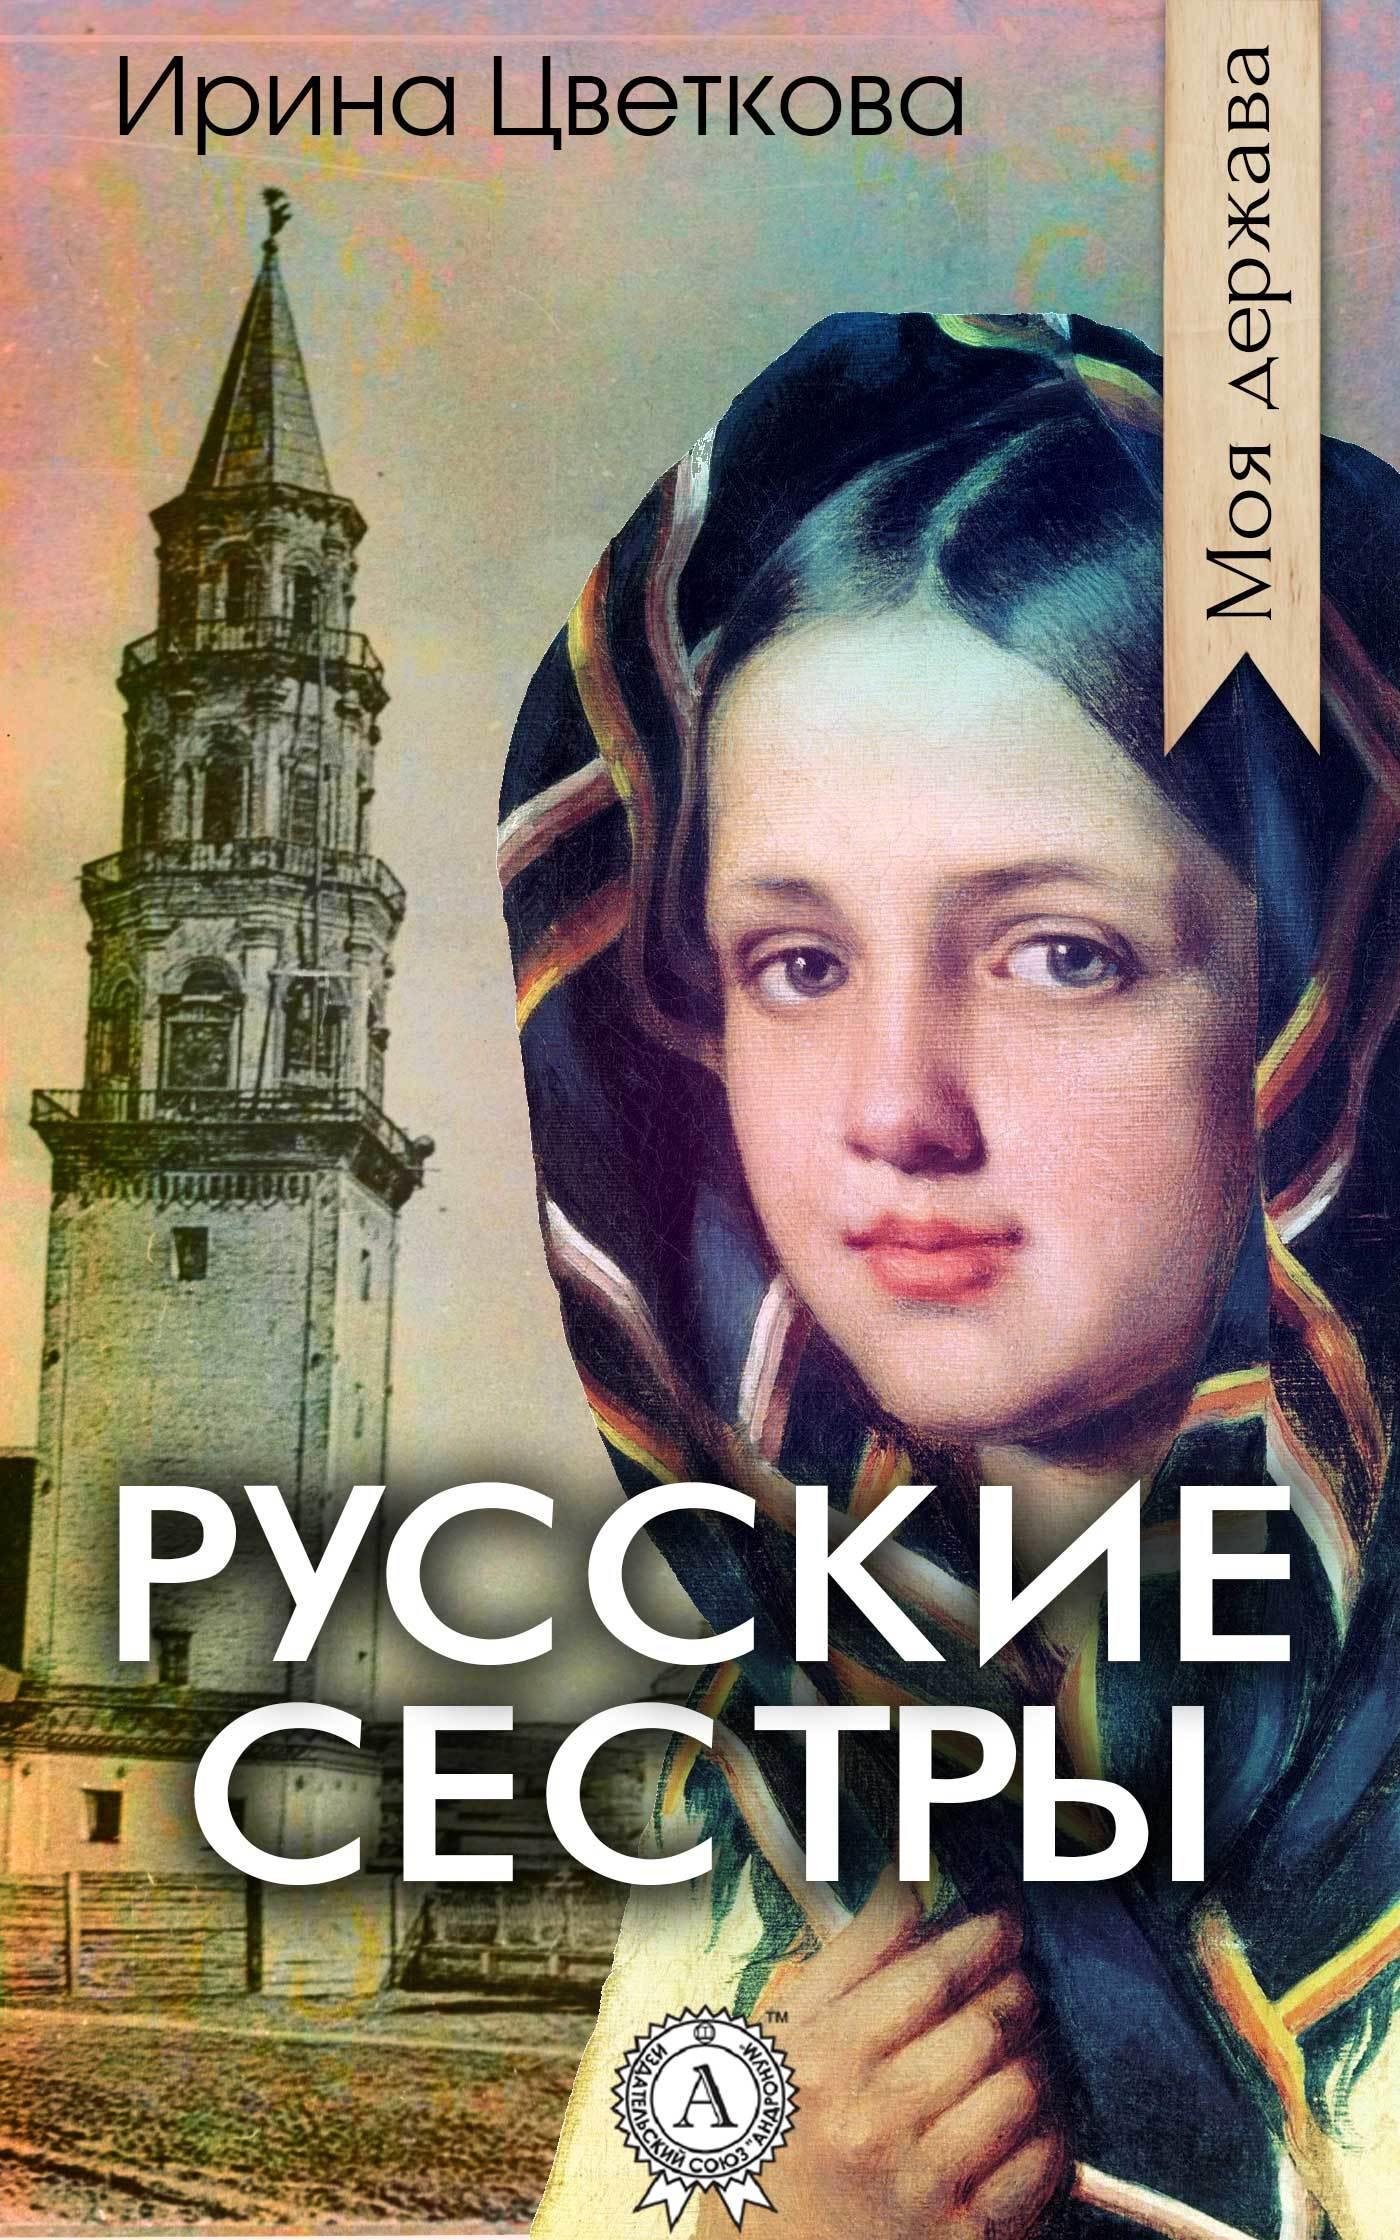 Ирина Цветкова - Русские сестры